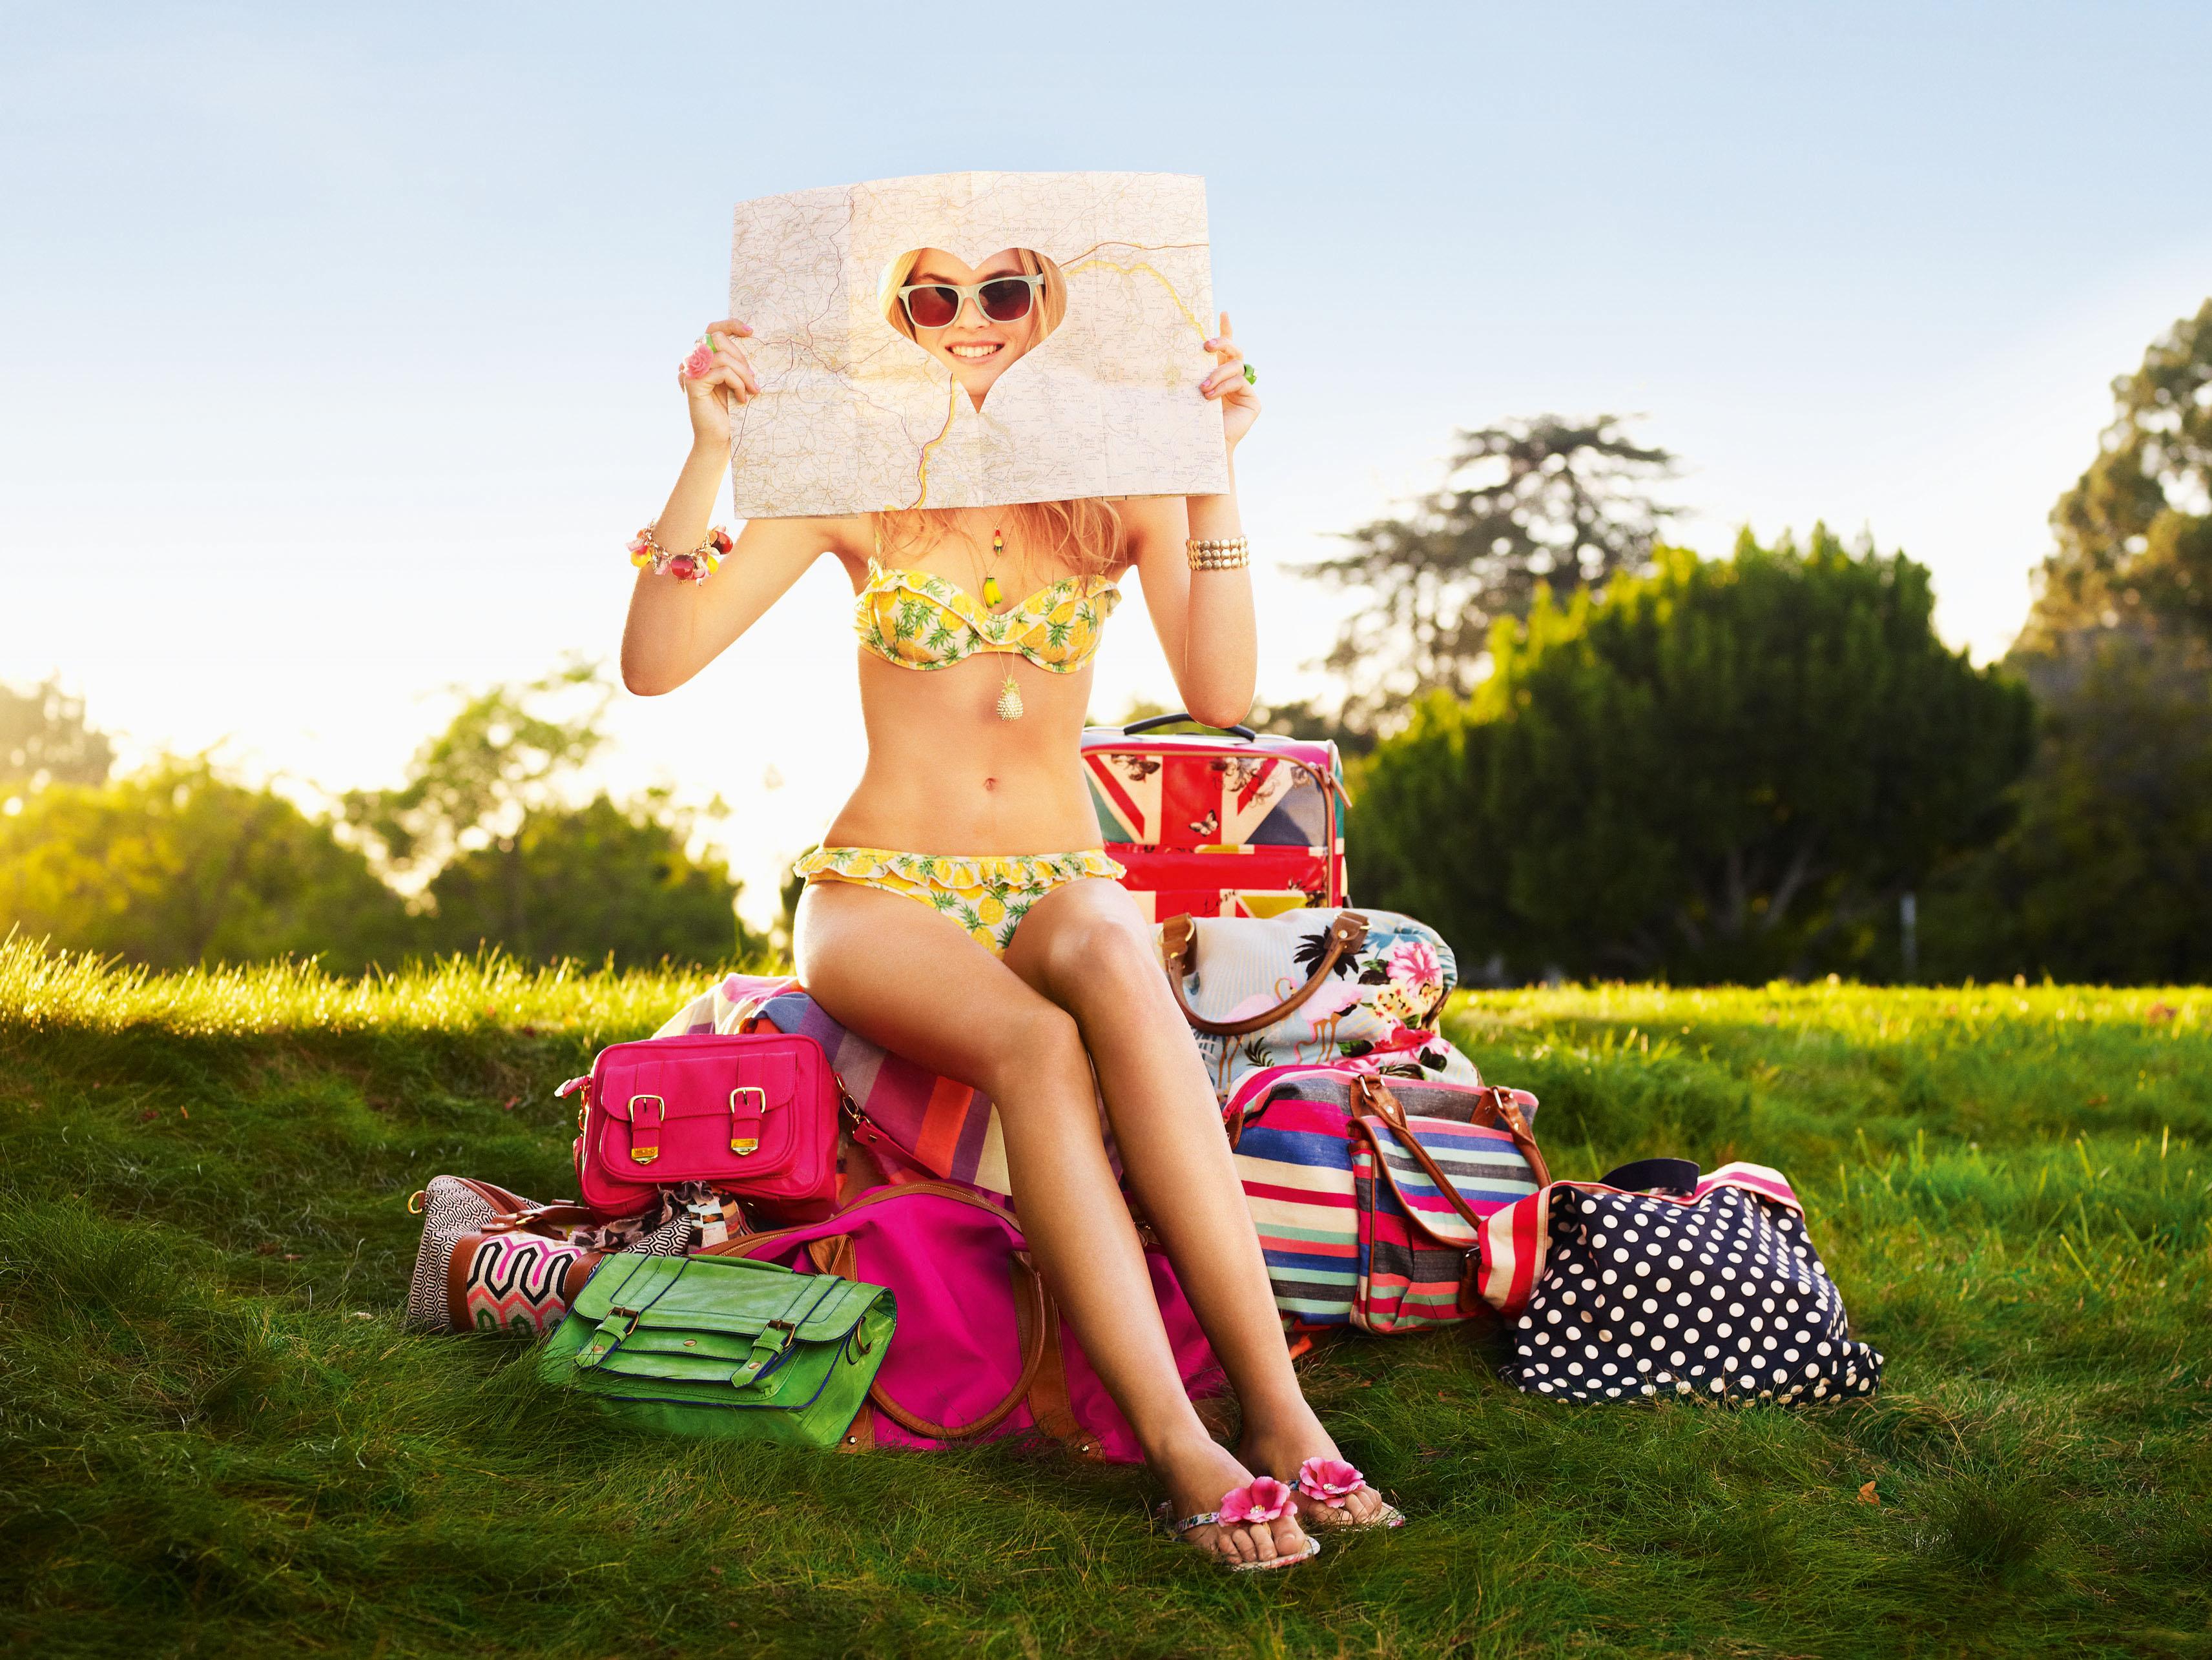 Malene Knudsen in a bikini